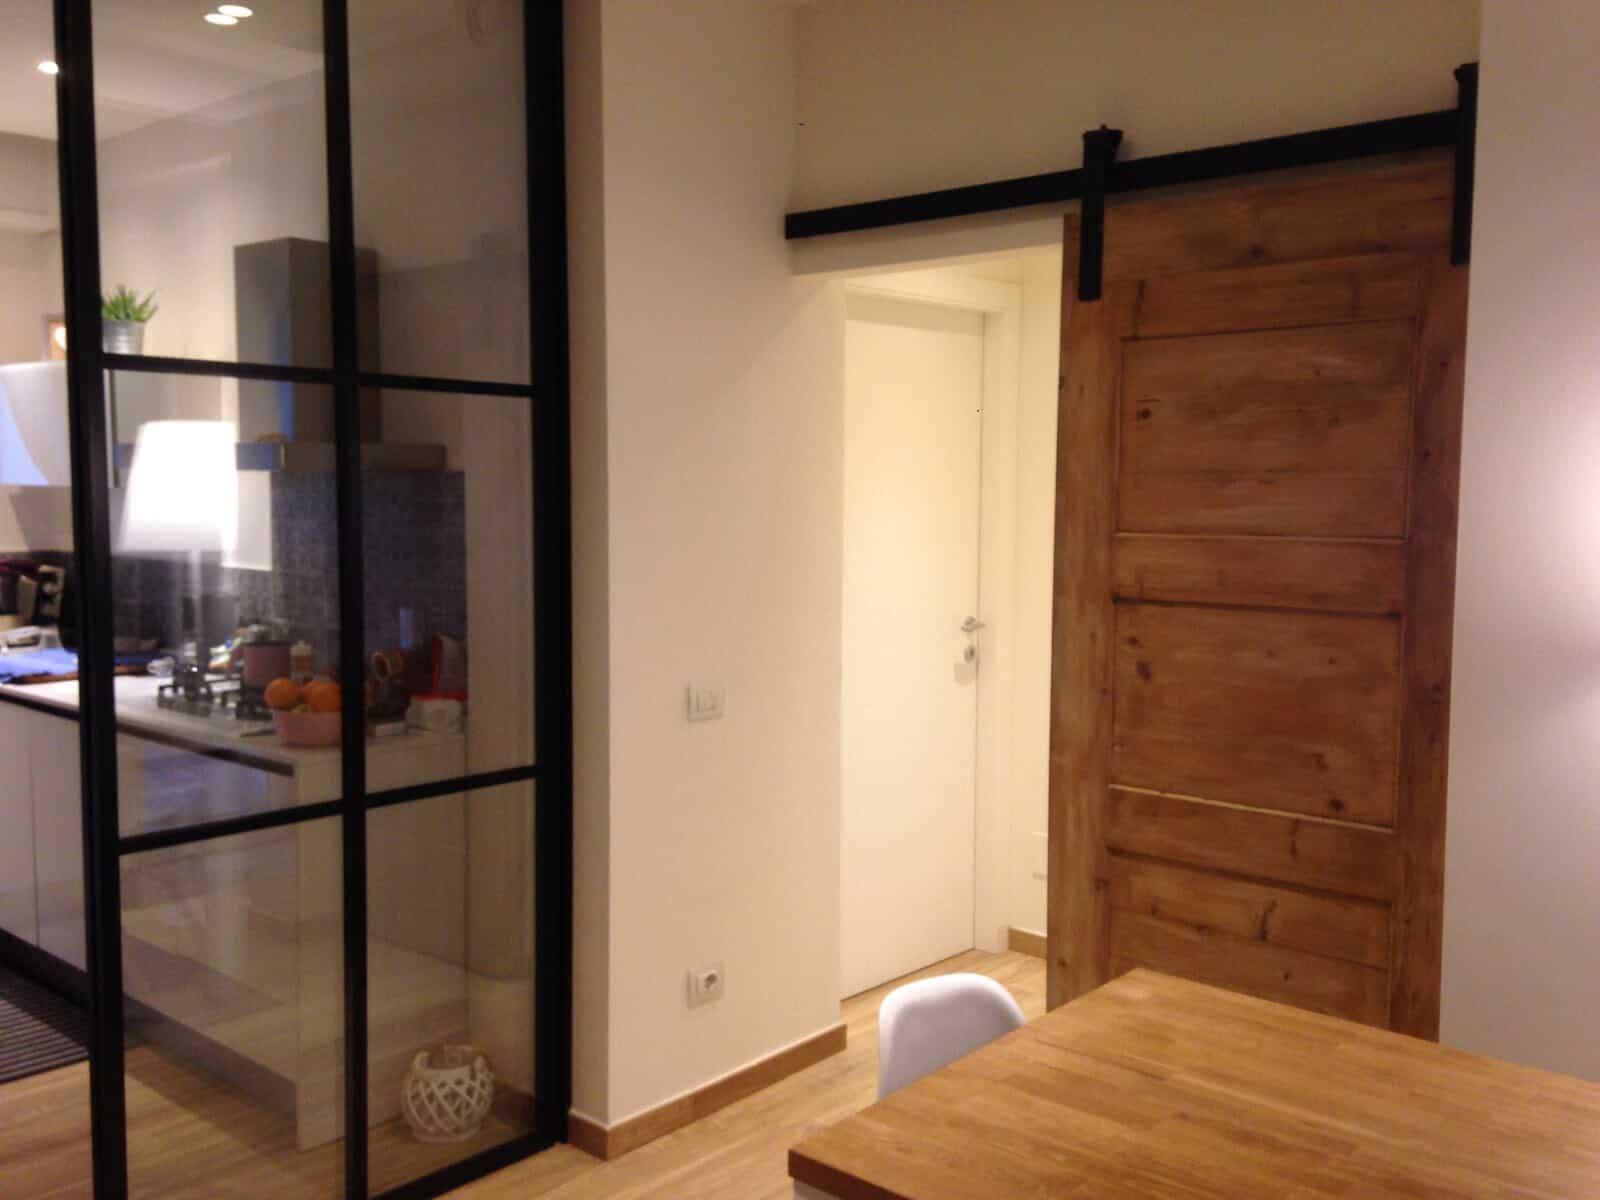 Appartamento industriale con porta scorrevole esterno muro - Porte scorrevoli esterno muro prezzi ...